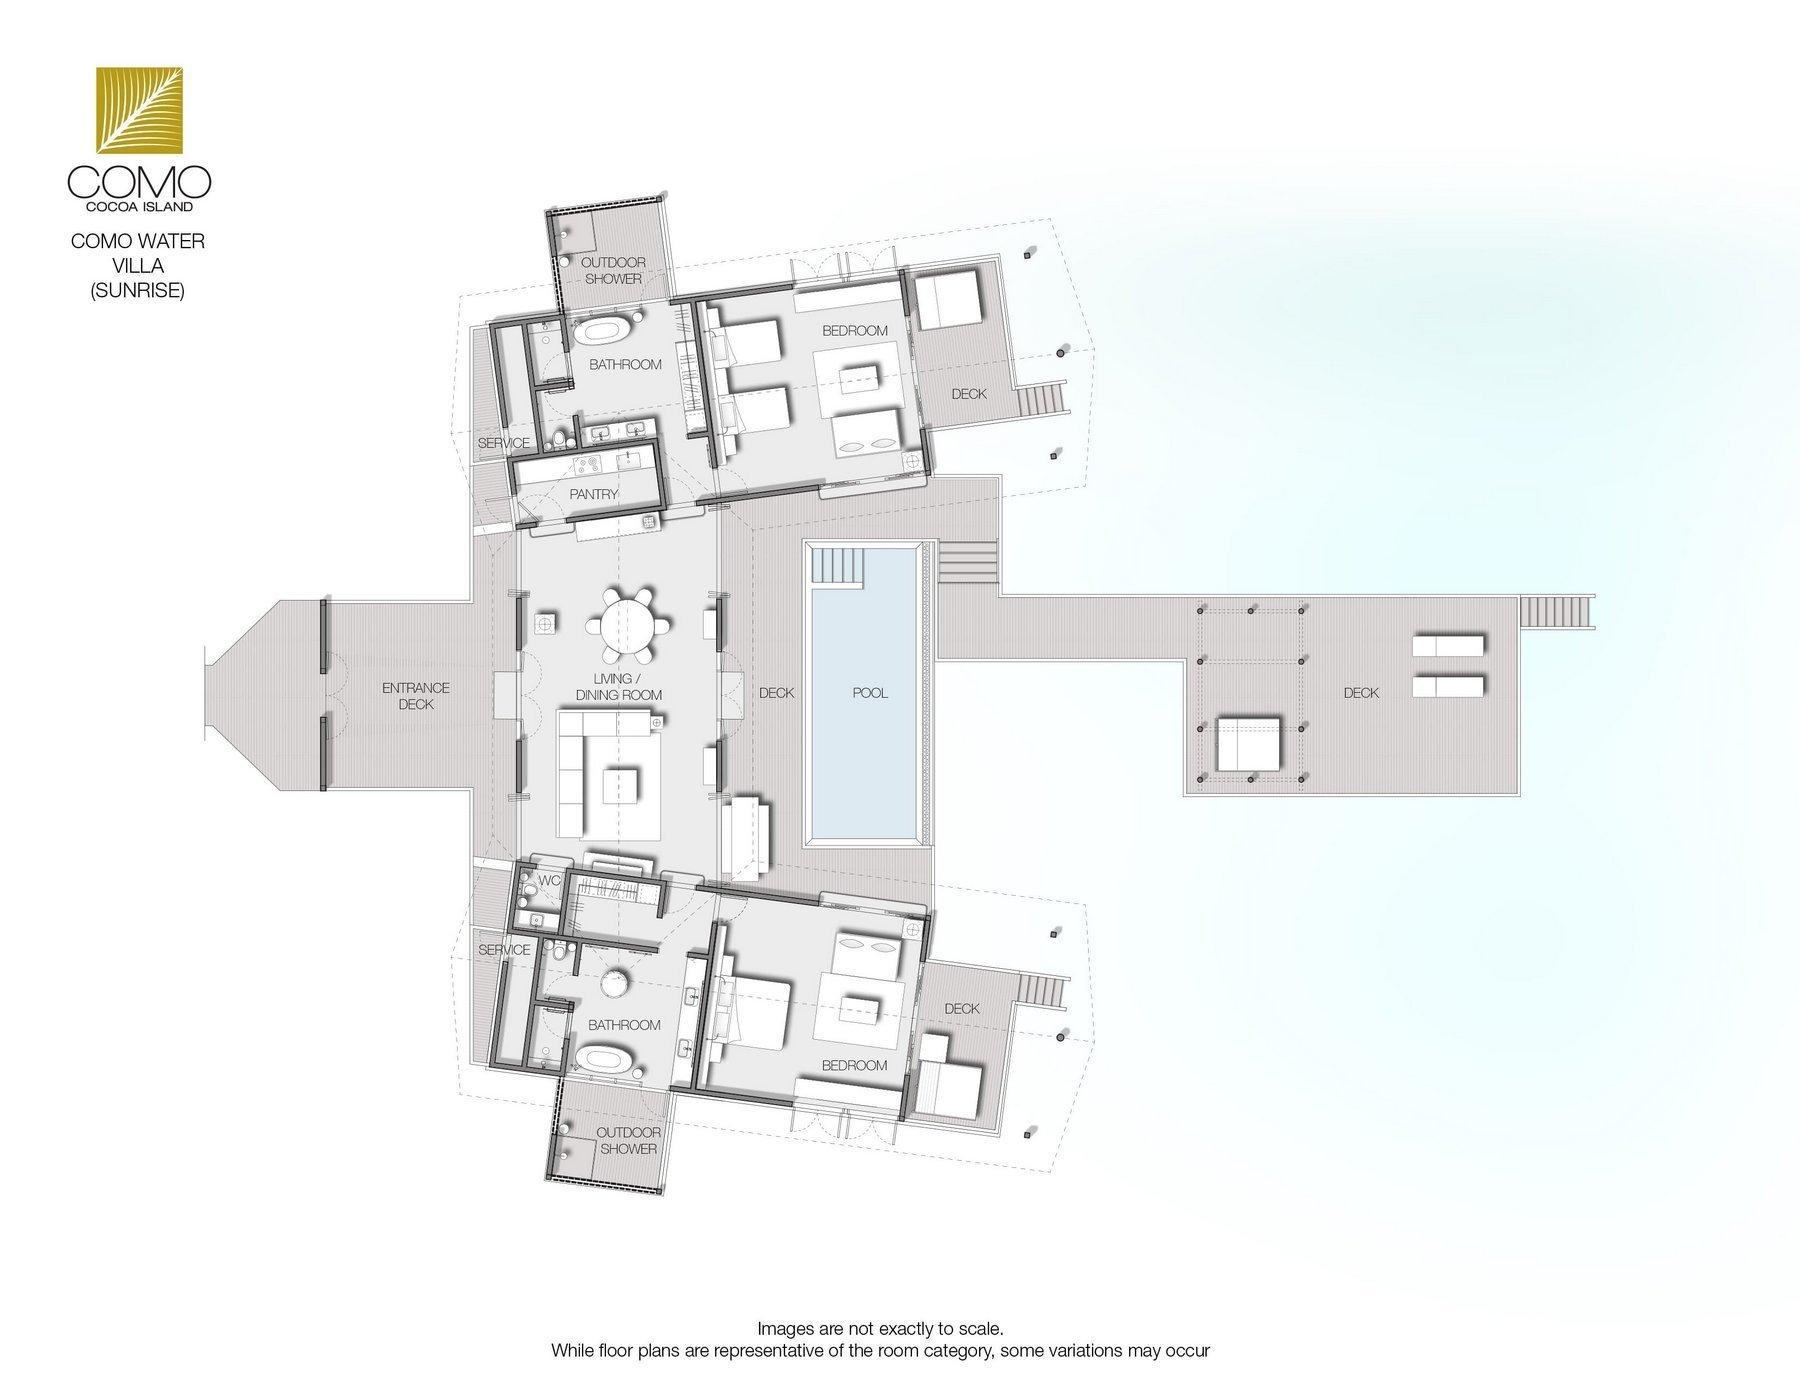 Мальдивы, Отель COMO Cocoa Island, план-схема номера COMO Water Villa